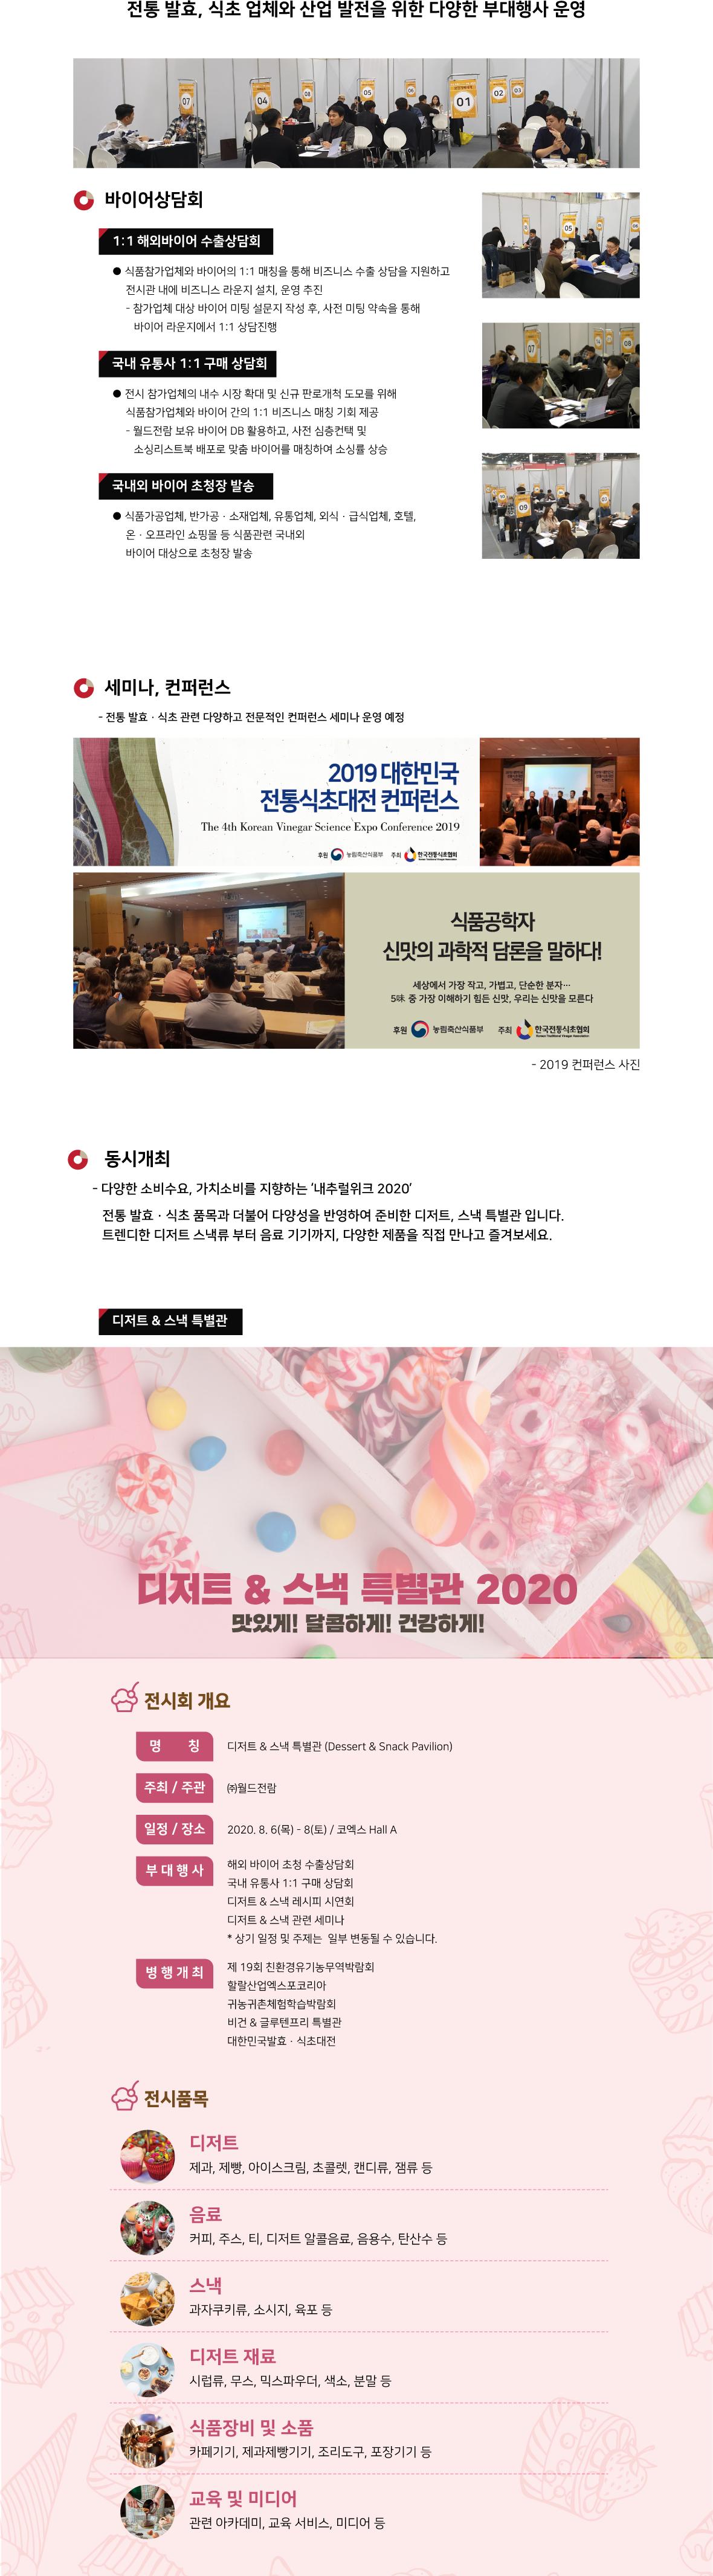 디저트-전시소개.png